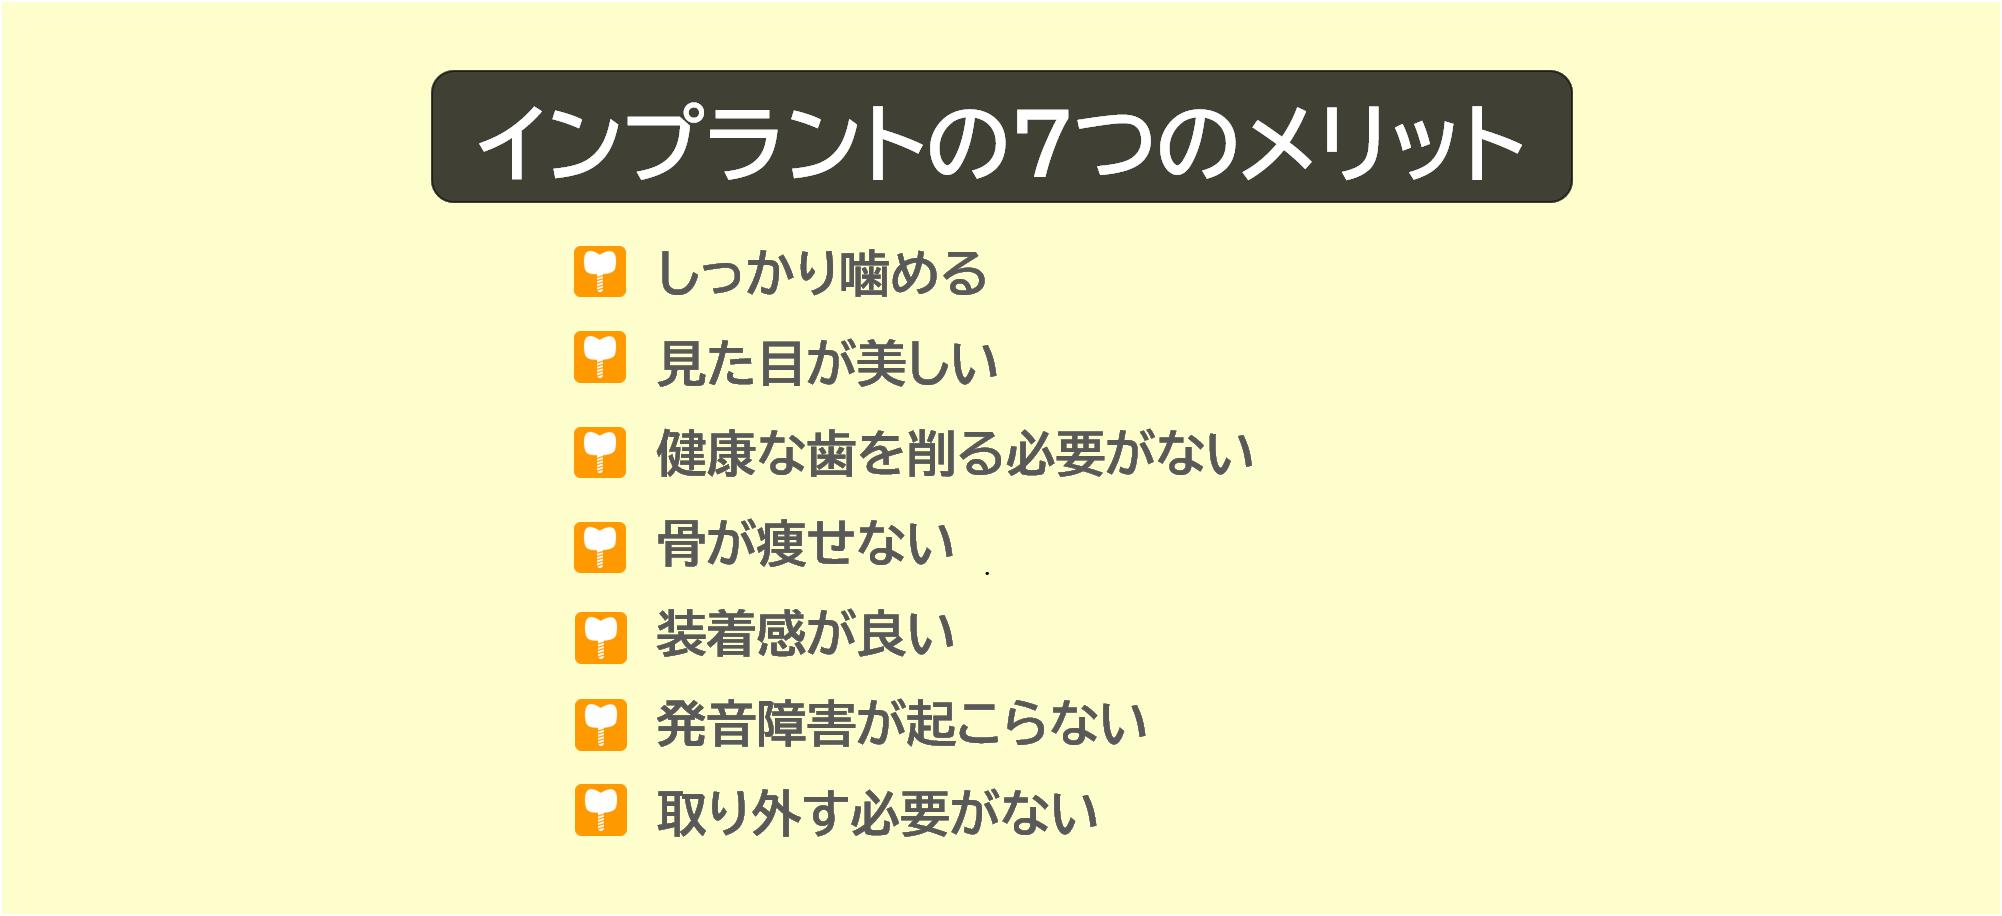 インプラントの7つのメリット